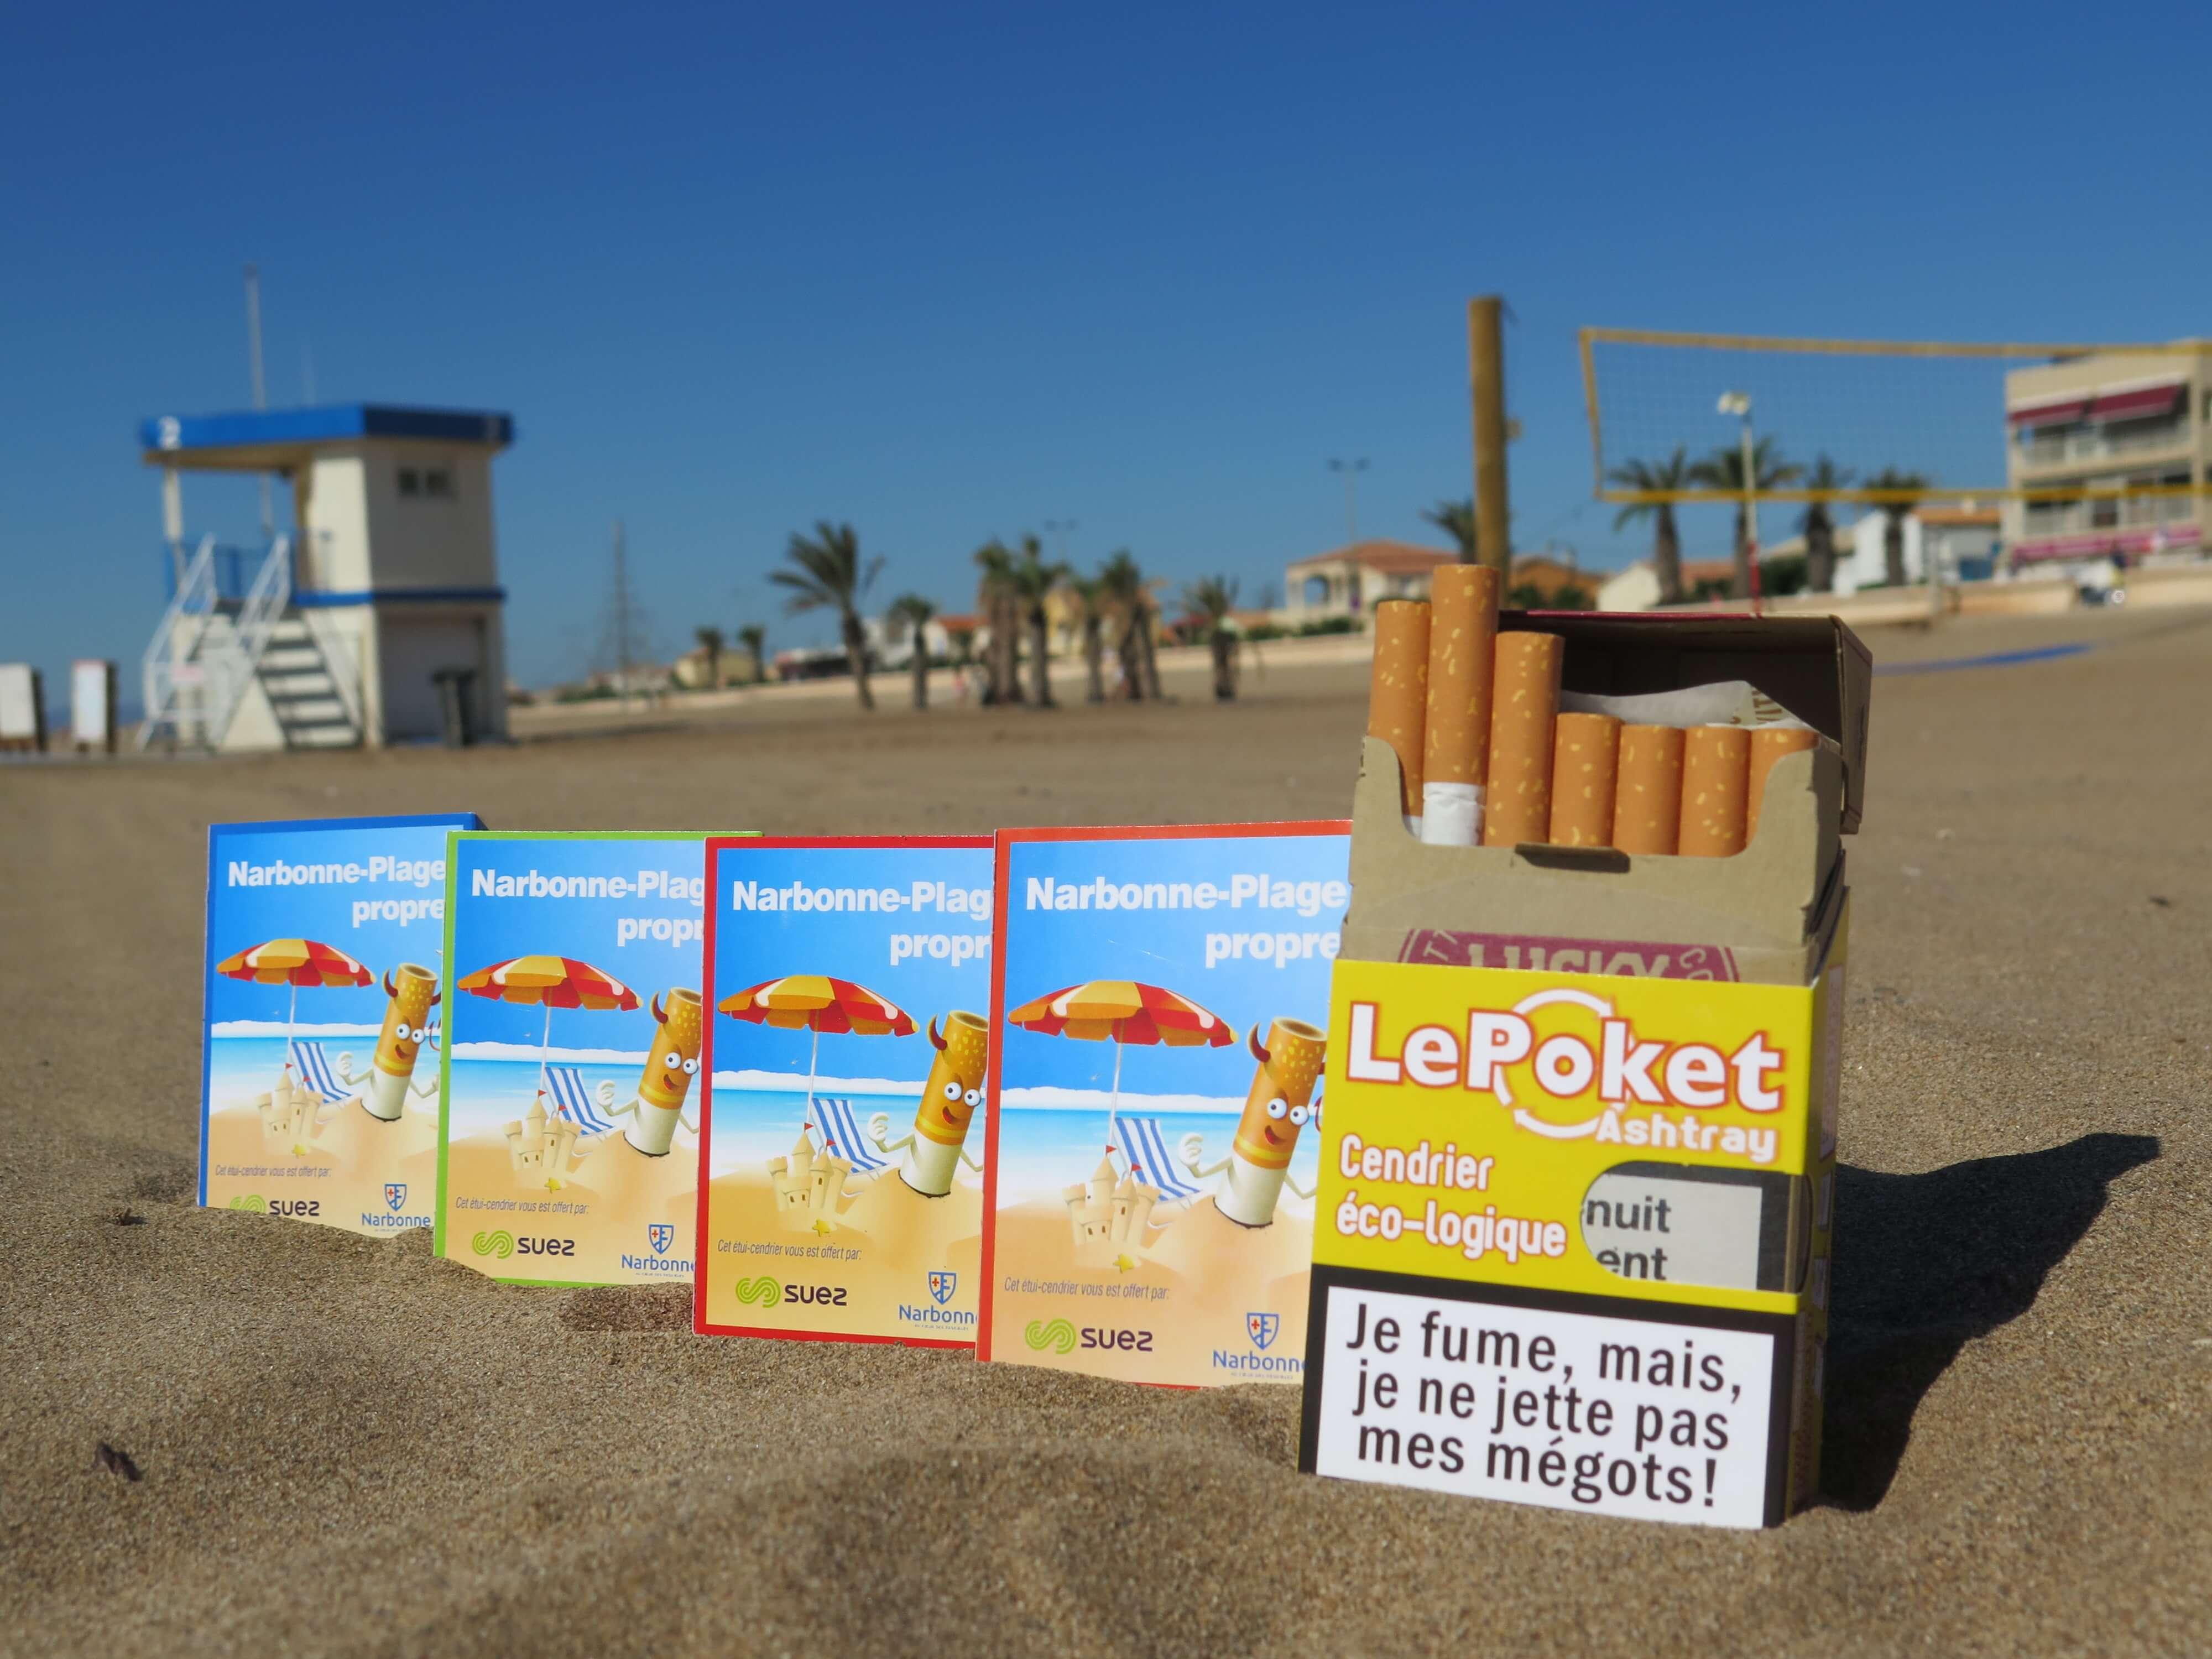 lepoket cendrier de poche personnalisable écologique outil de communication